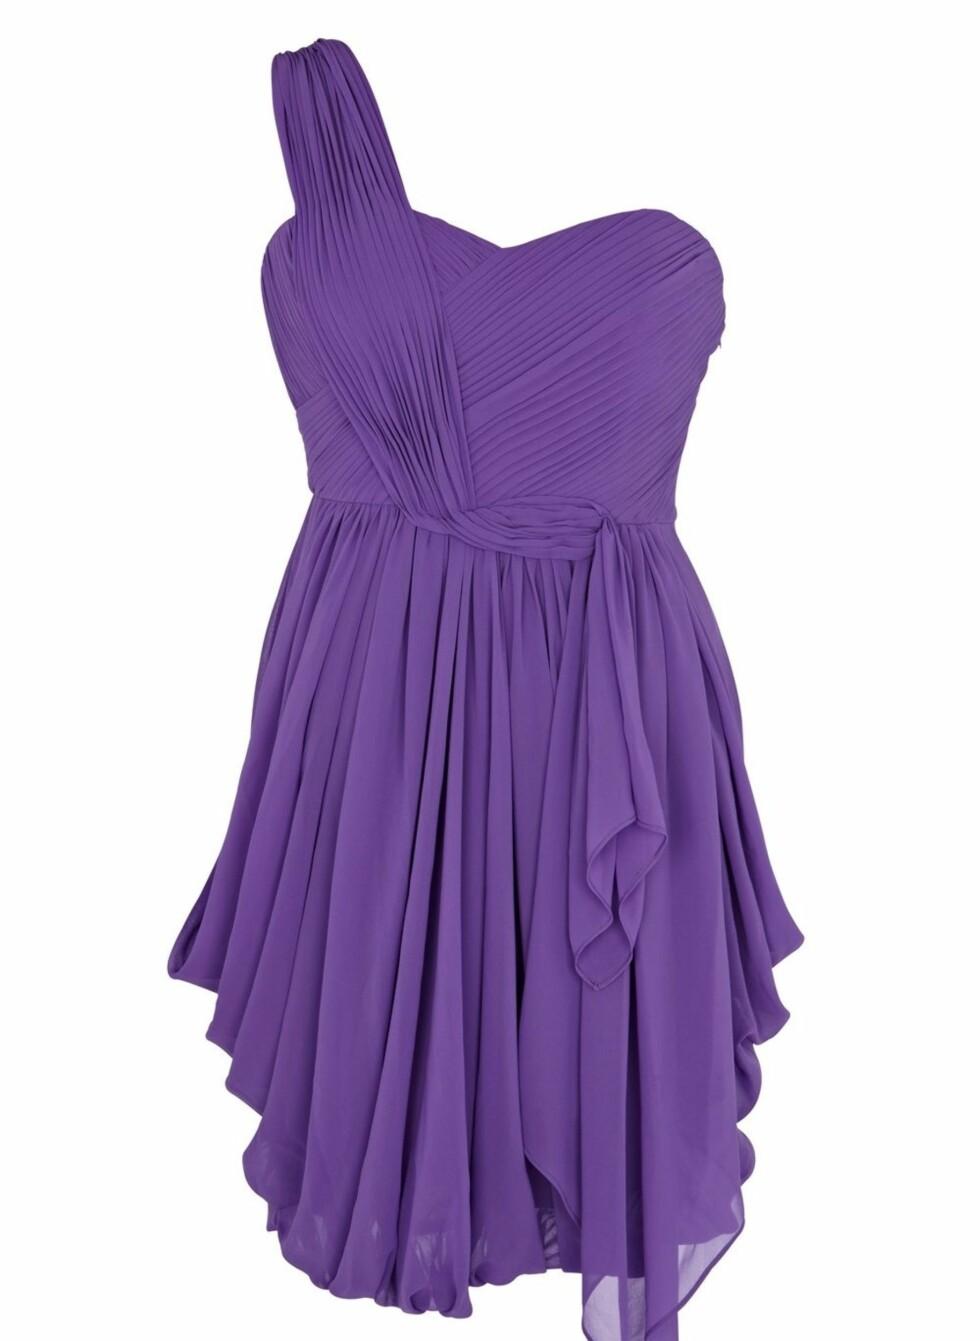 Lilla, plissert kjole, kr 1999. Foto: Produsenten